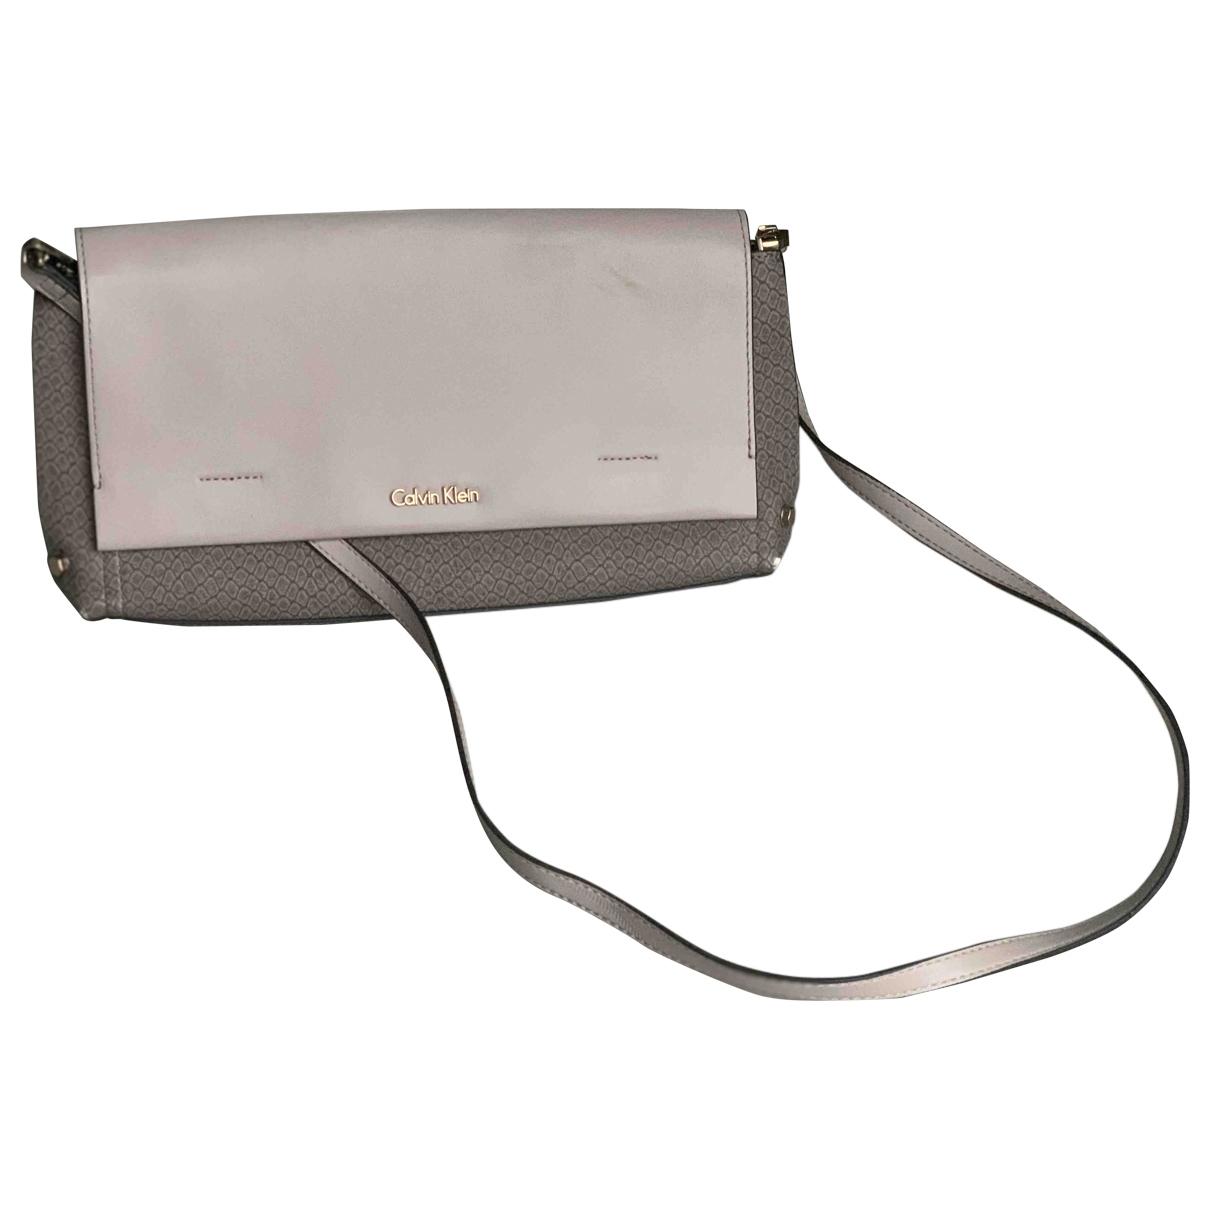 Calvin Klein \N Clutch bag for Women \N